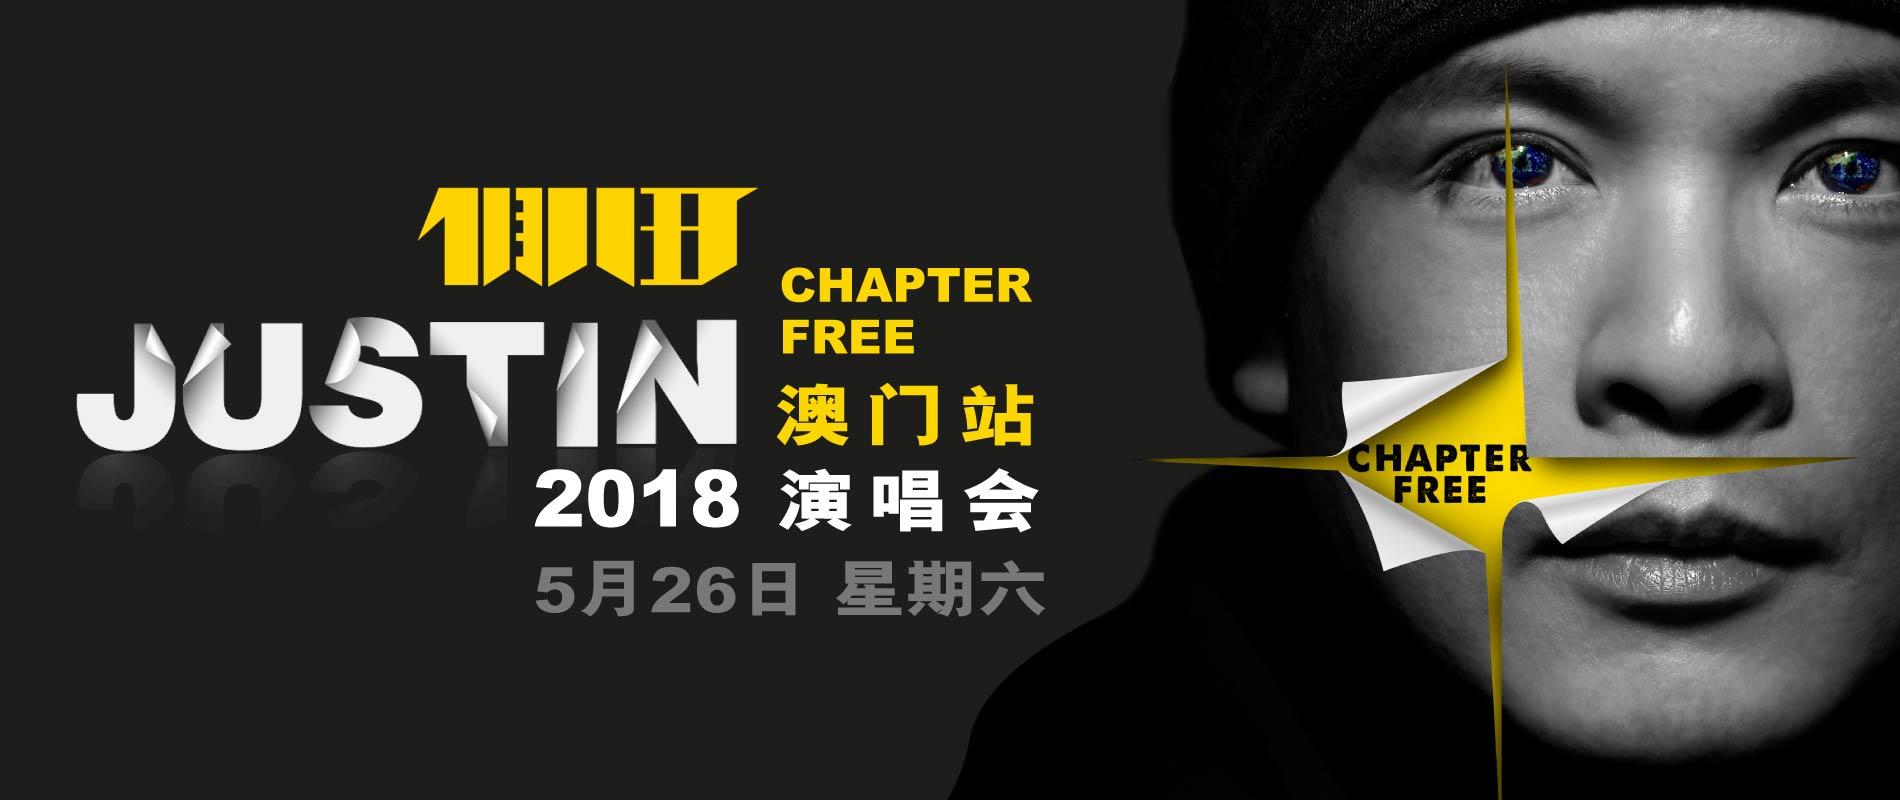 侧田《CHAPTER FREE》巡迴演唱会2018澳门站—澳门威尼斯人金光综艺馆